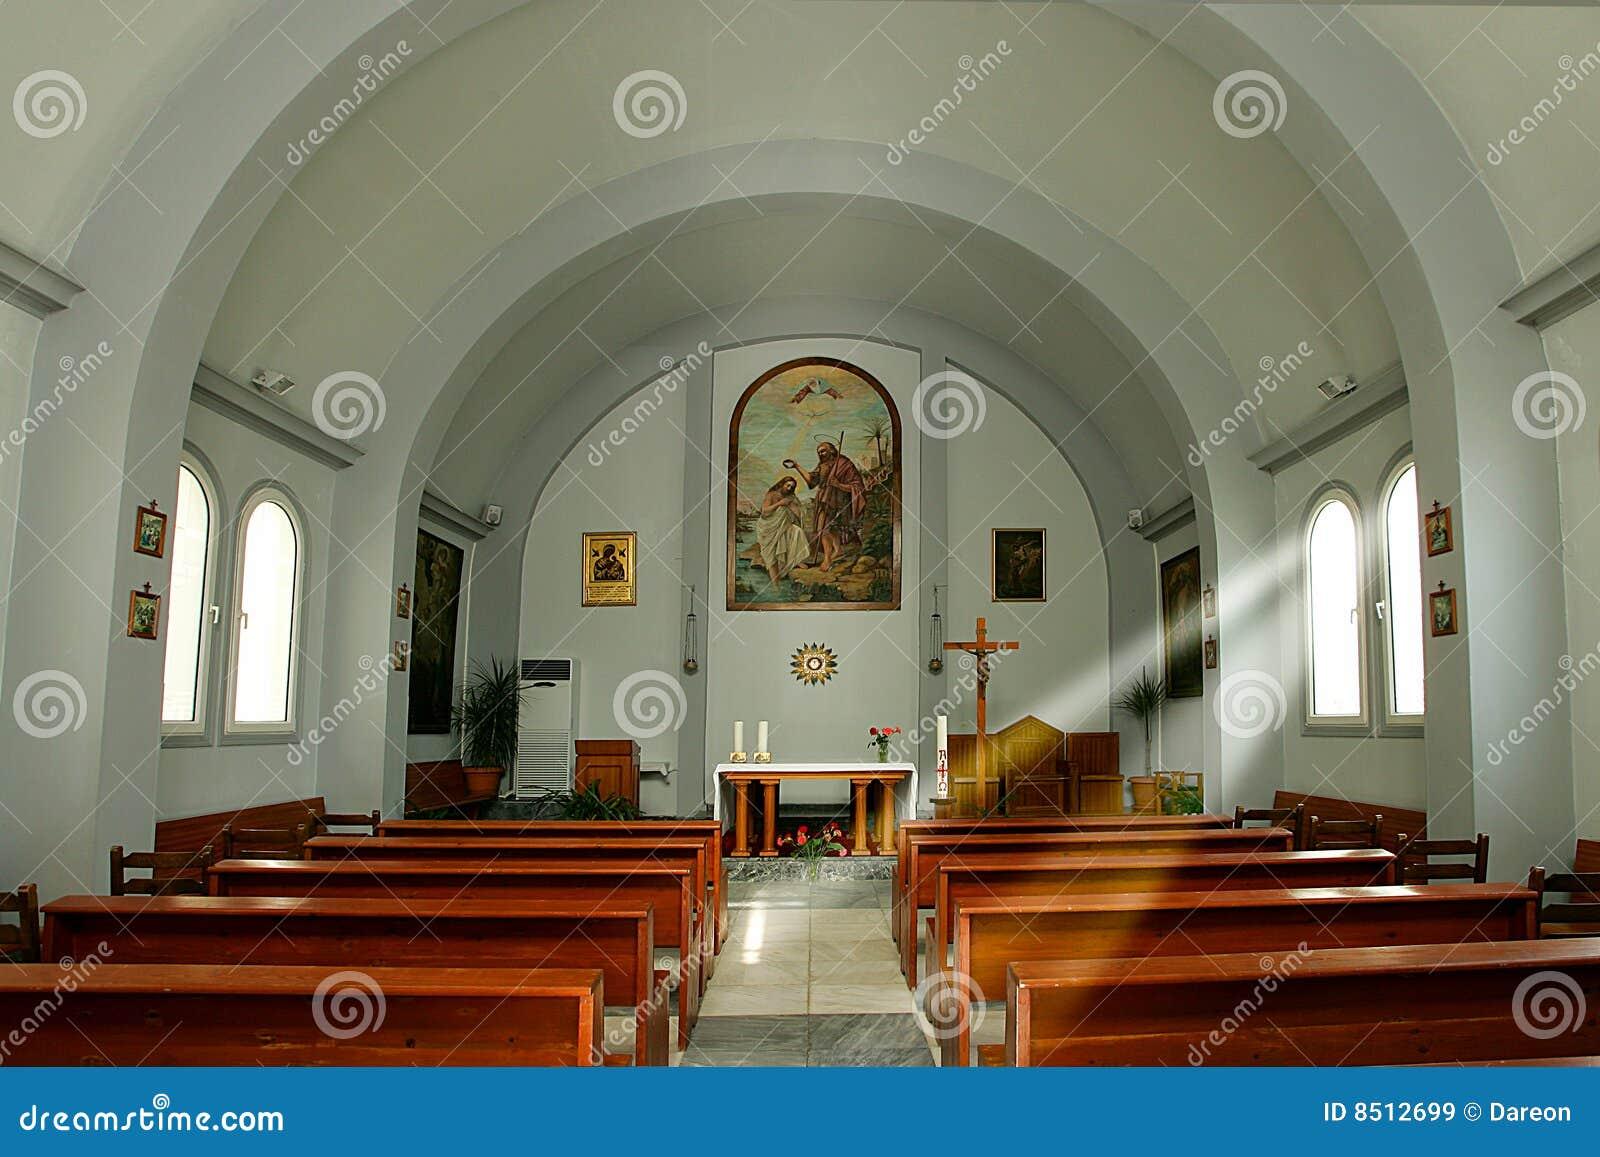 l 39 int rieur de de l 39 glise catholique h raklion images libres de droits image 8512699. Black Bedroom Furniture Sets. Home Design Ideas